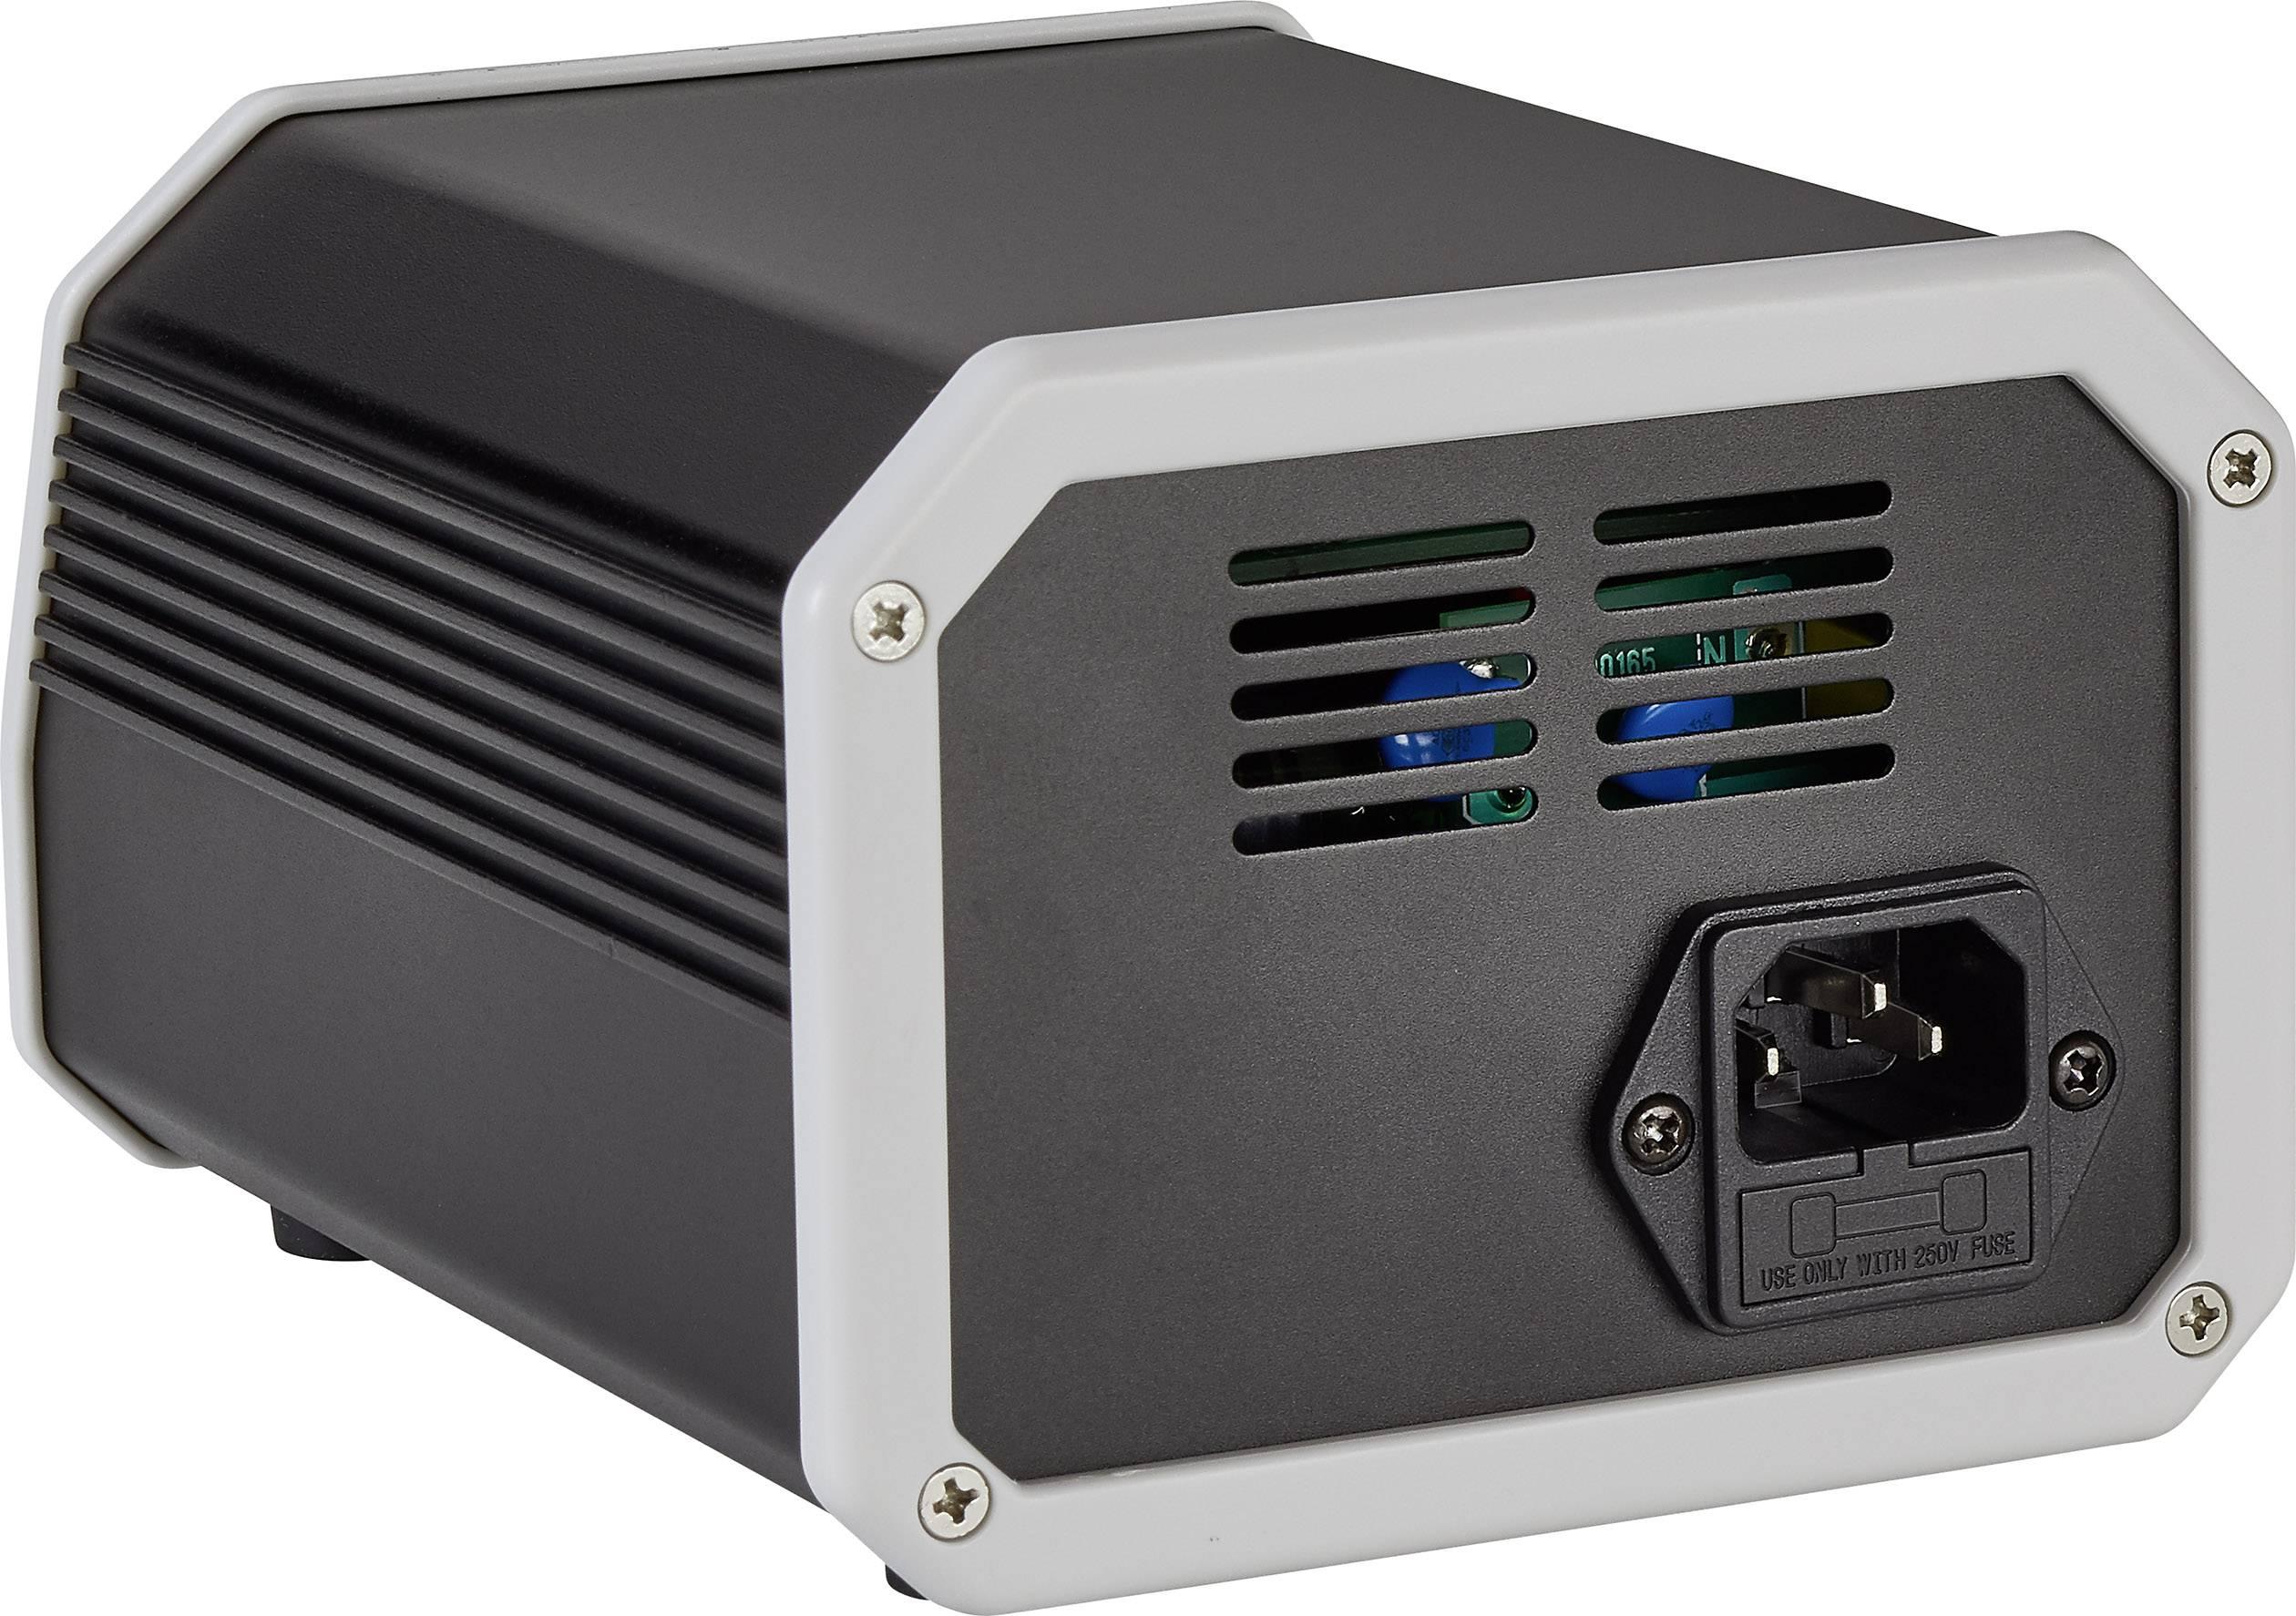 Vysokofrekvenční pájecí stanice TOOLCRAFT ST-100 HF TO-4878195, digitální displej, 100 W, 50 až 480 °C, + pájecí hrot